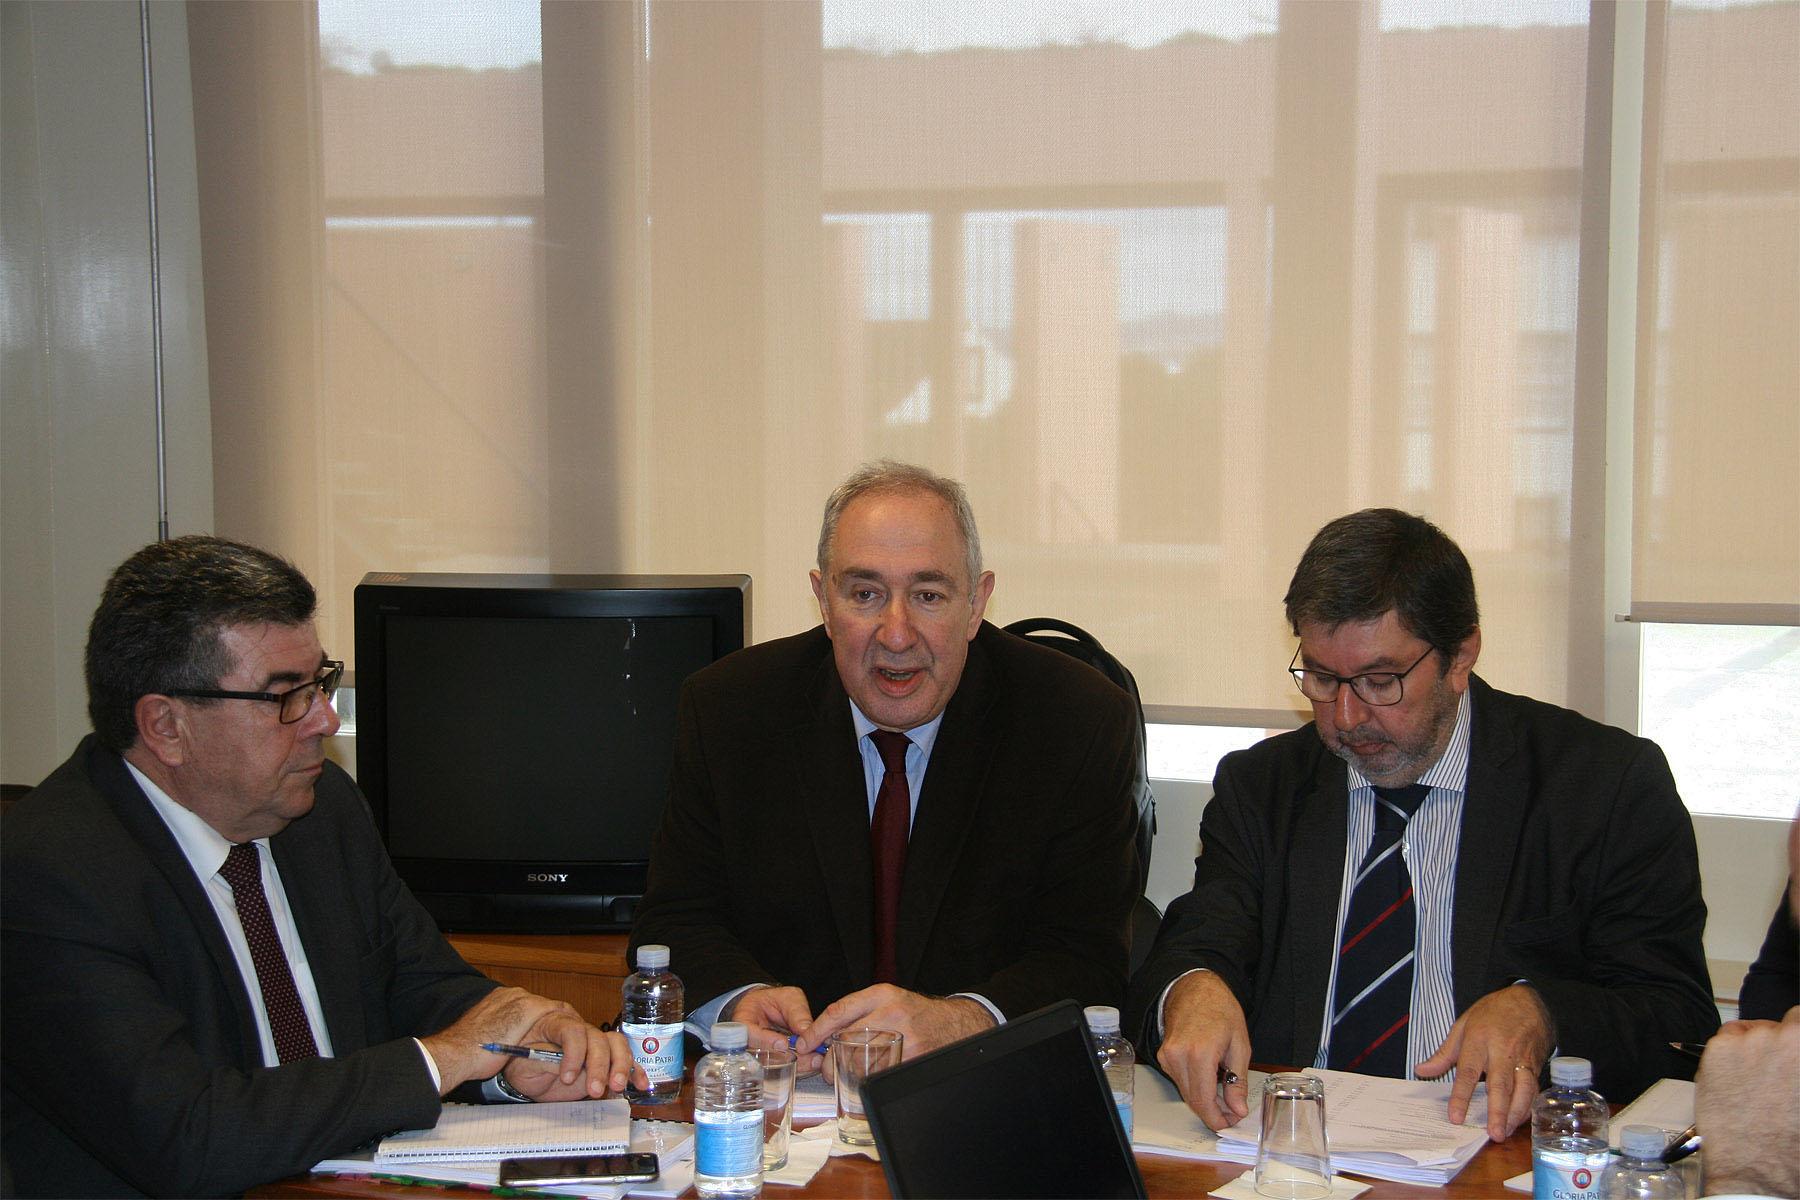 Governo Regional quer projetar os Açores no mundo, afirma Rui Bettencourt